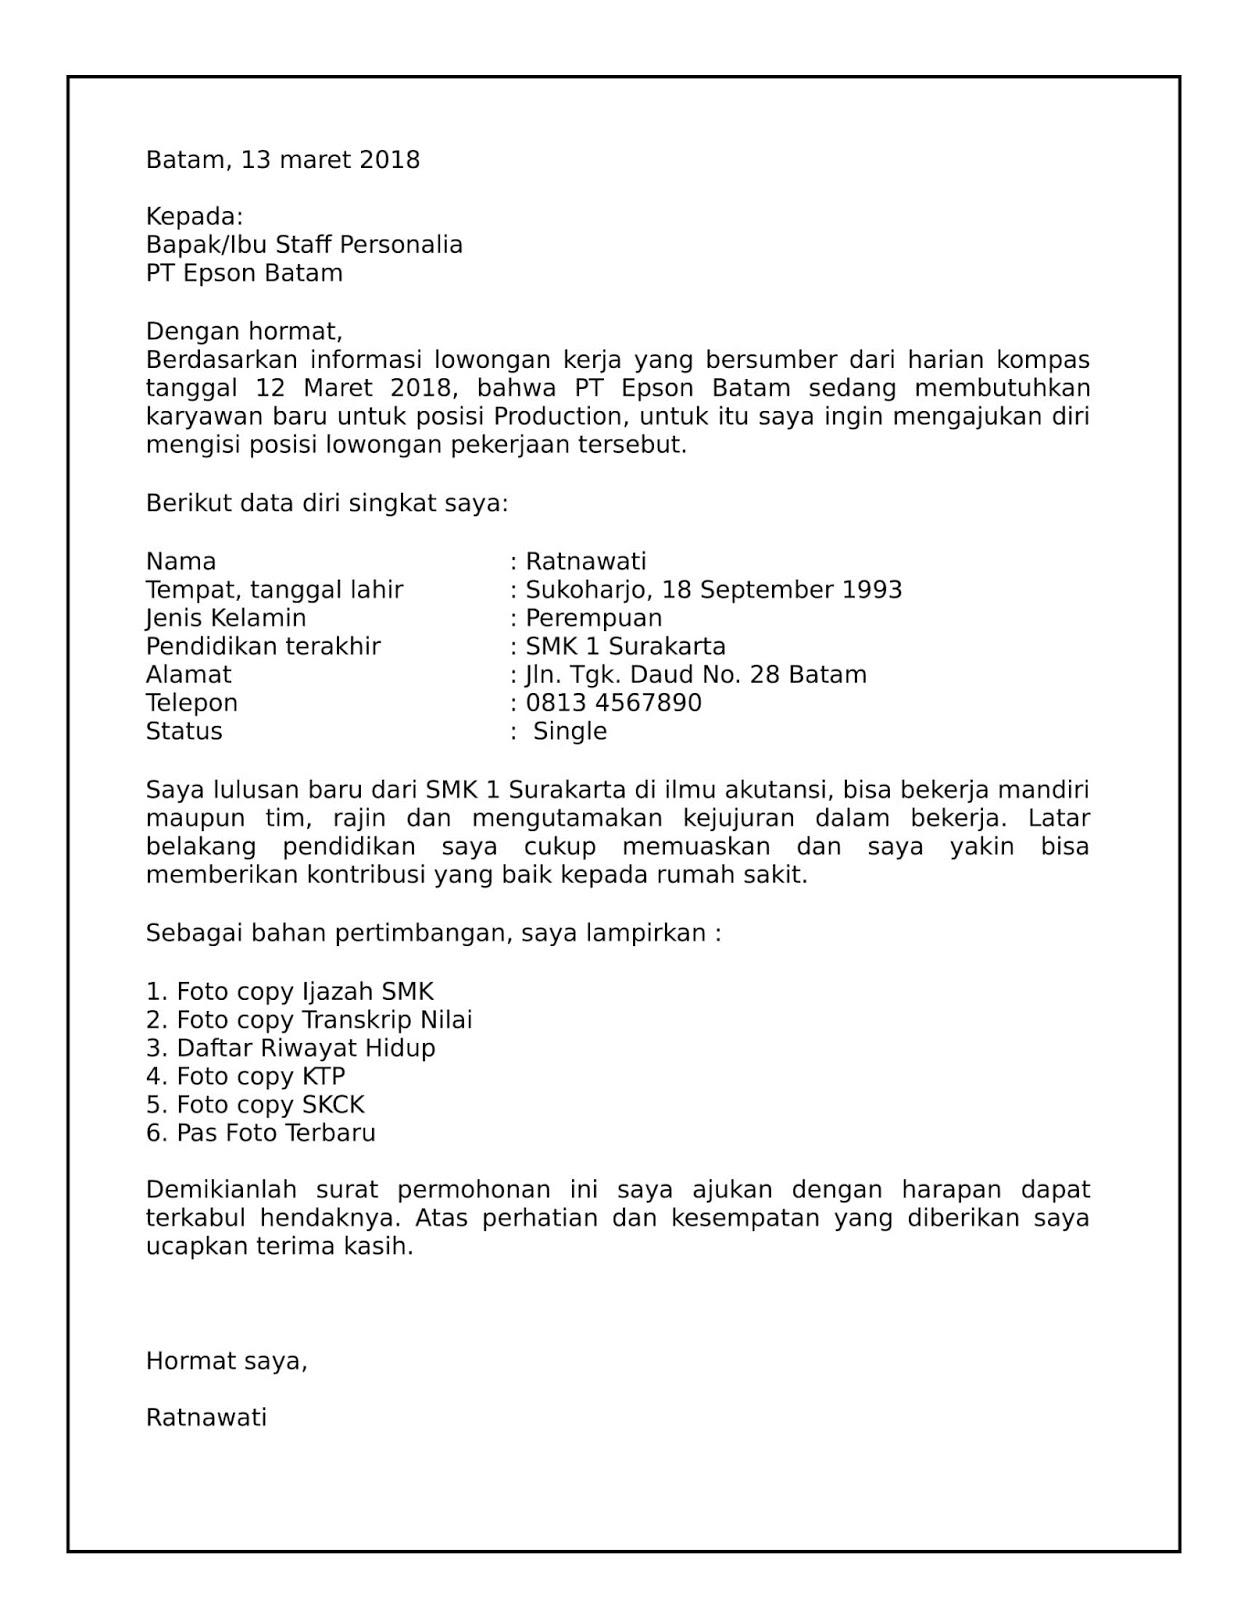 Contoh Surat Lamaran Kerja Untuk Pt Epson